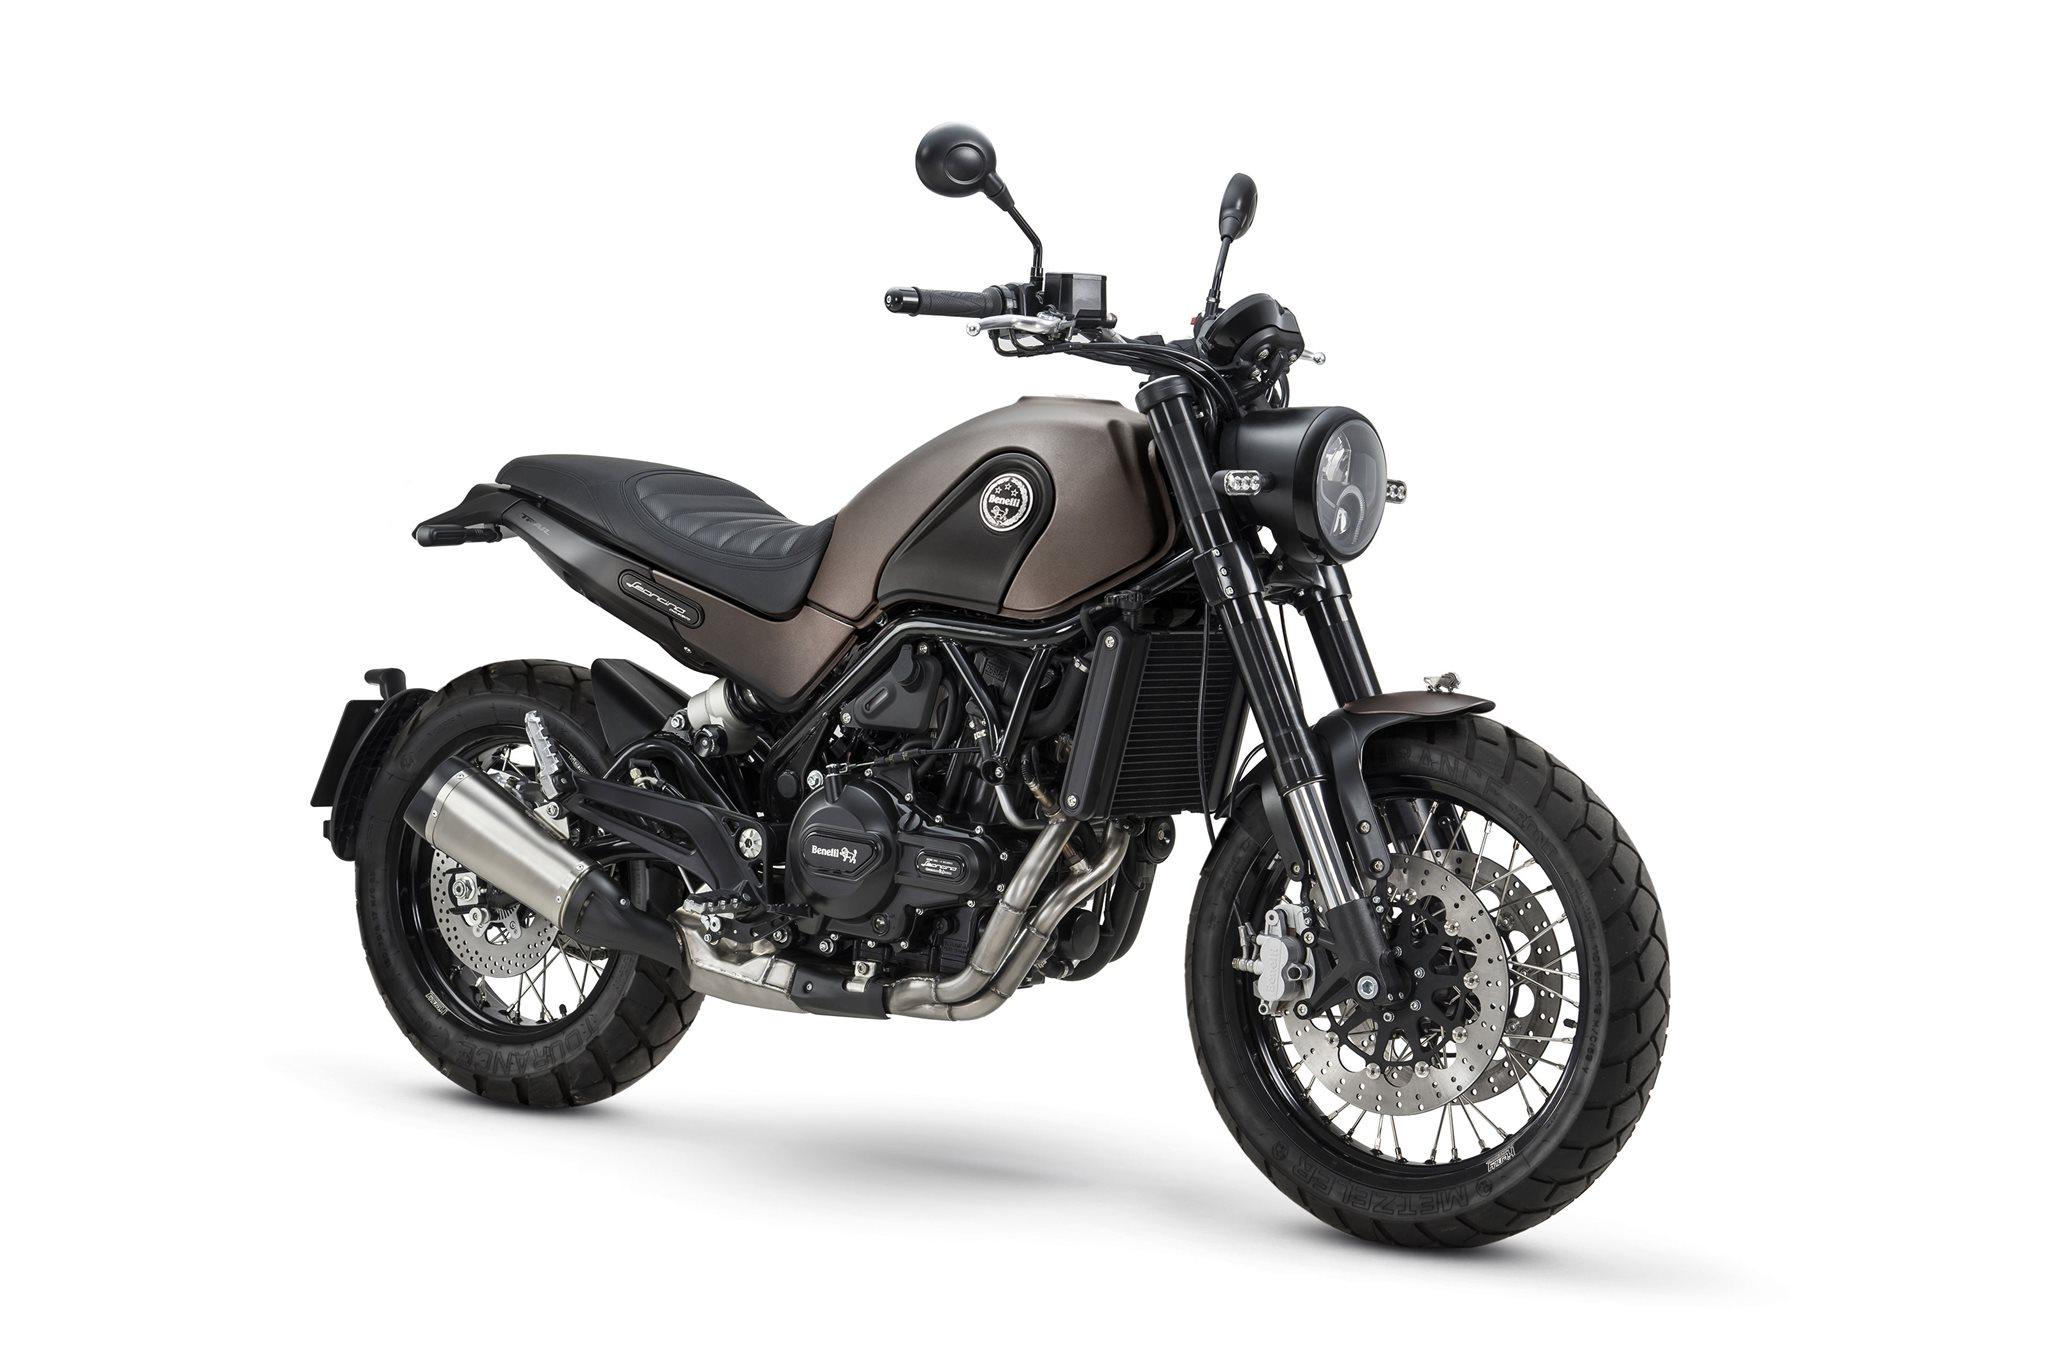 Benelli Leoncino 500 Trail Motorrad, neu